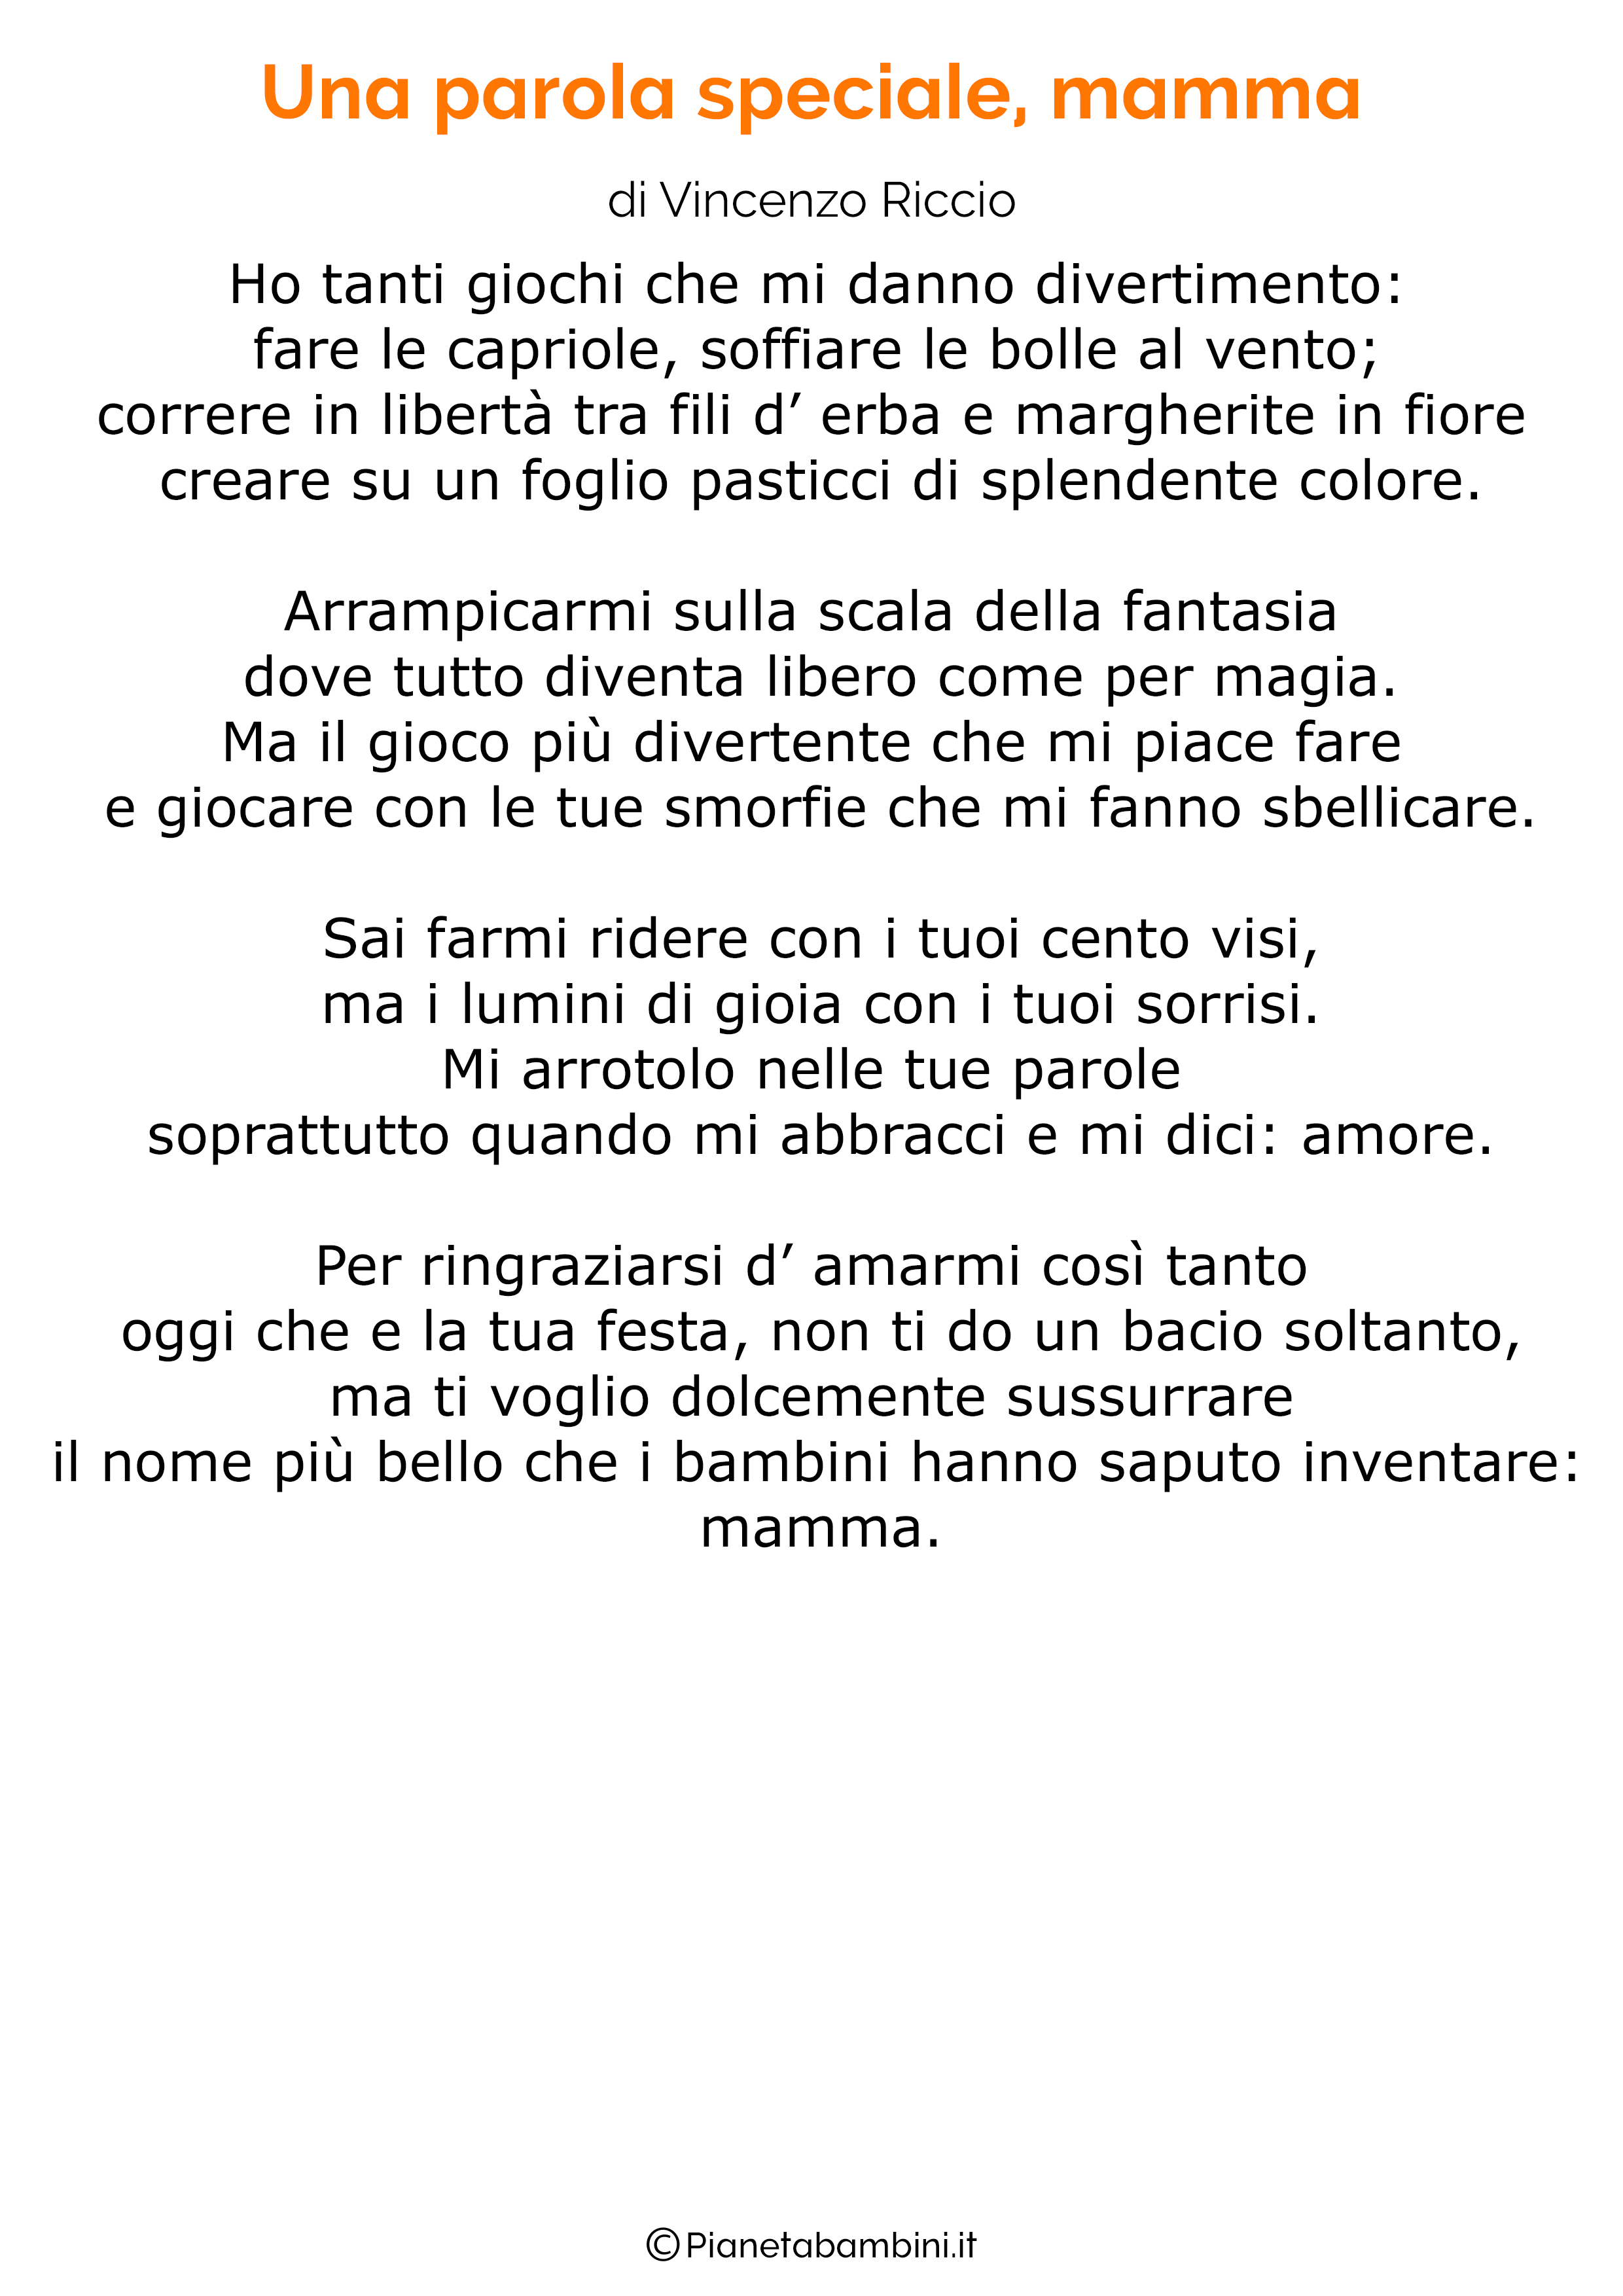 Poesia per la festa della mamma da stampare 39